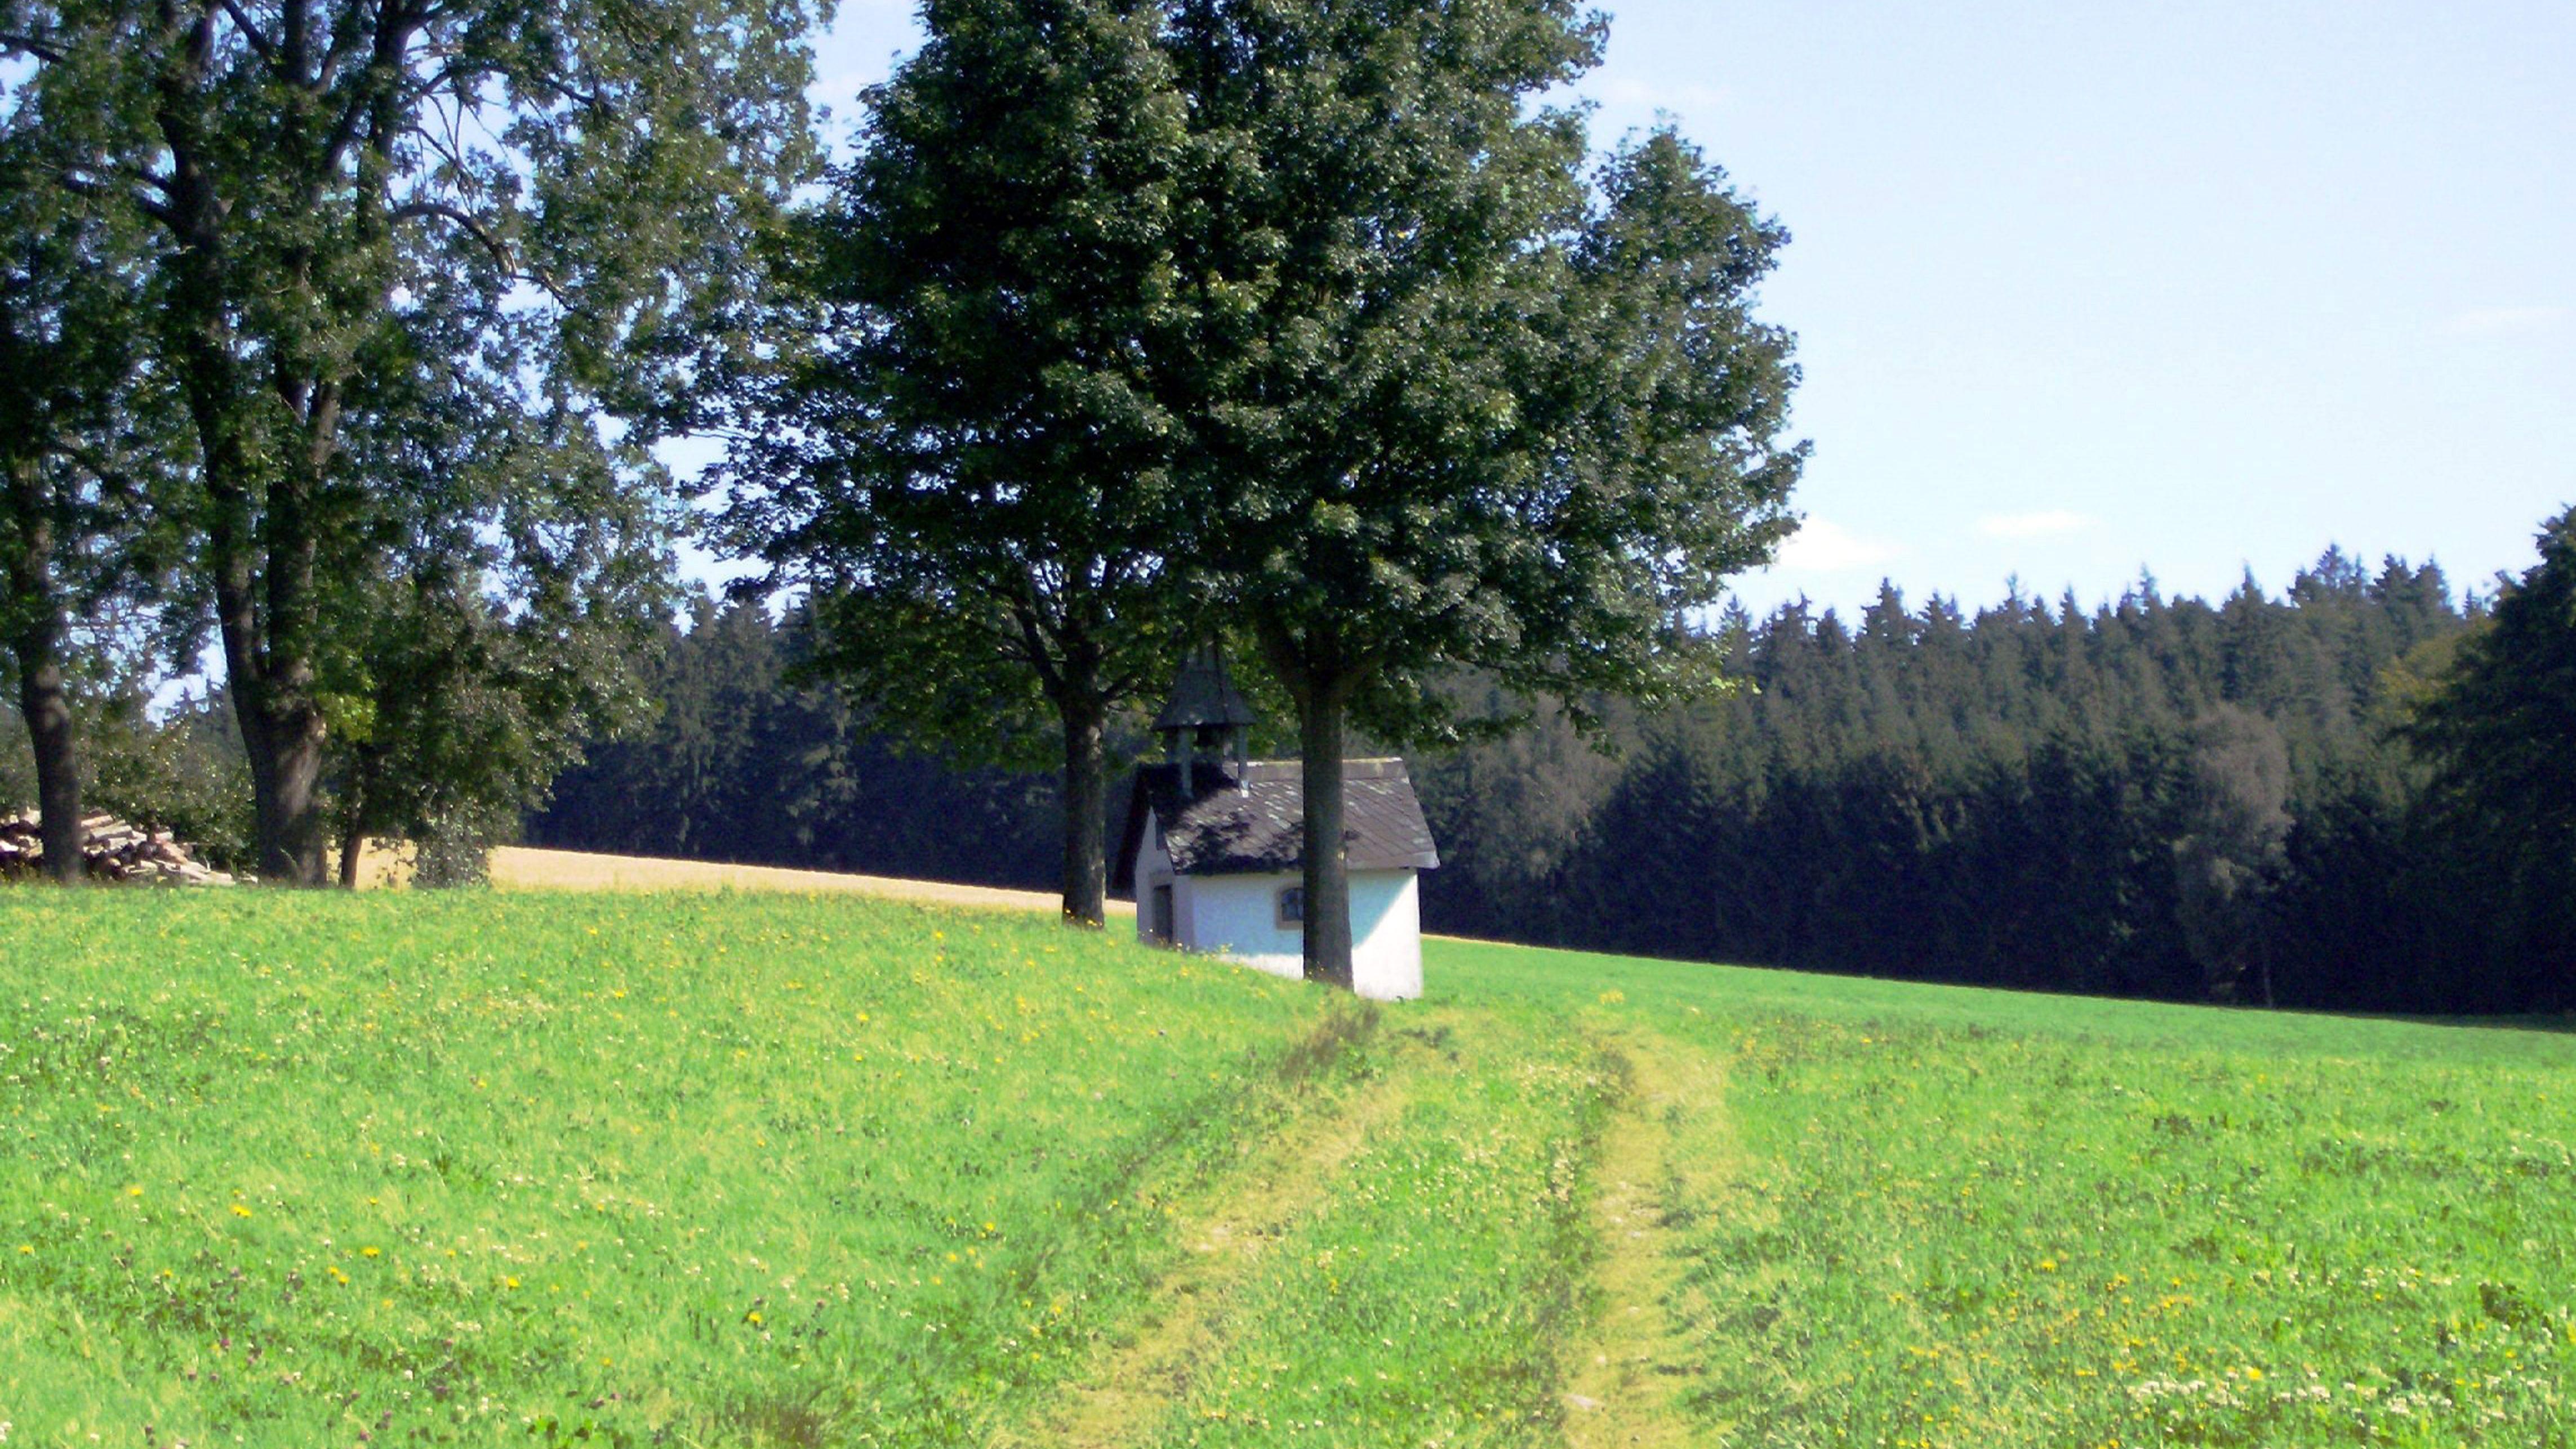 Ein Feldweg führt über eine Wiese zu einer kleinen Kapelle, die zwischen zwei Bäumen steht.